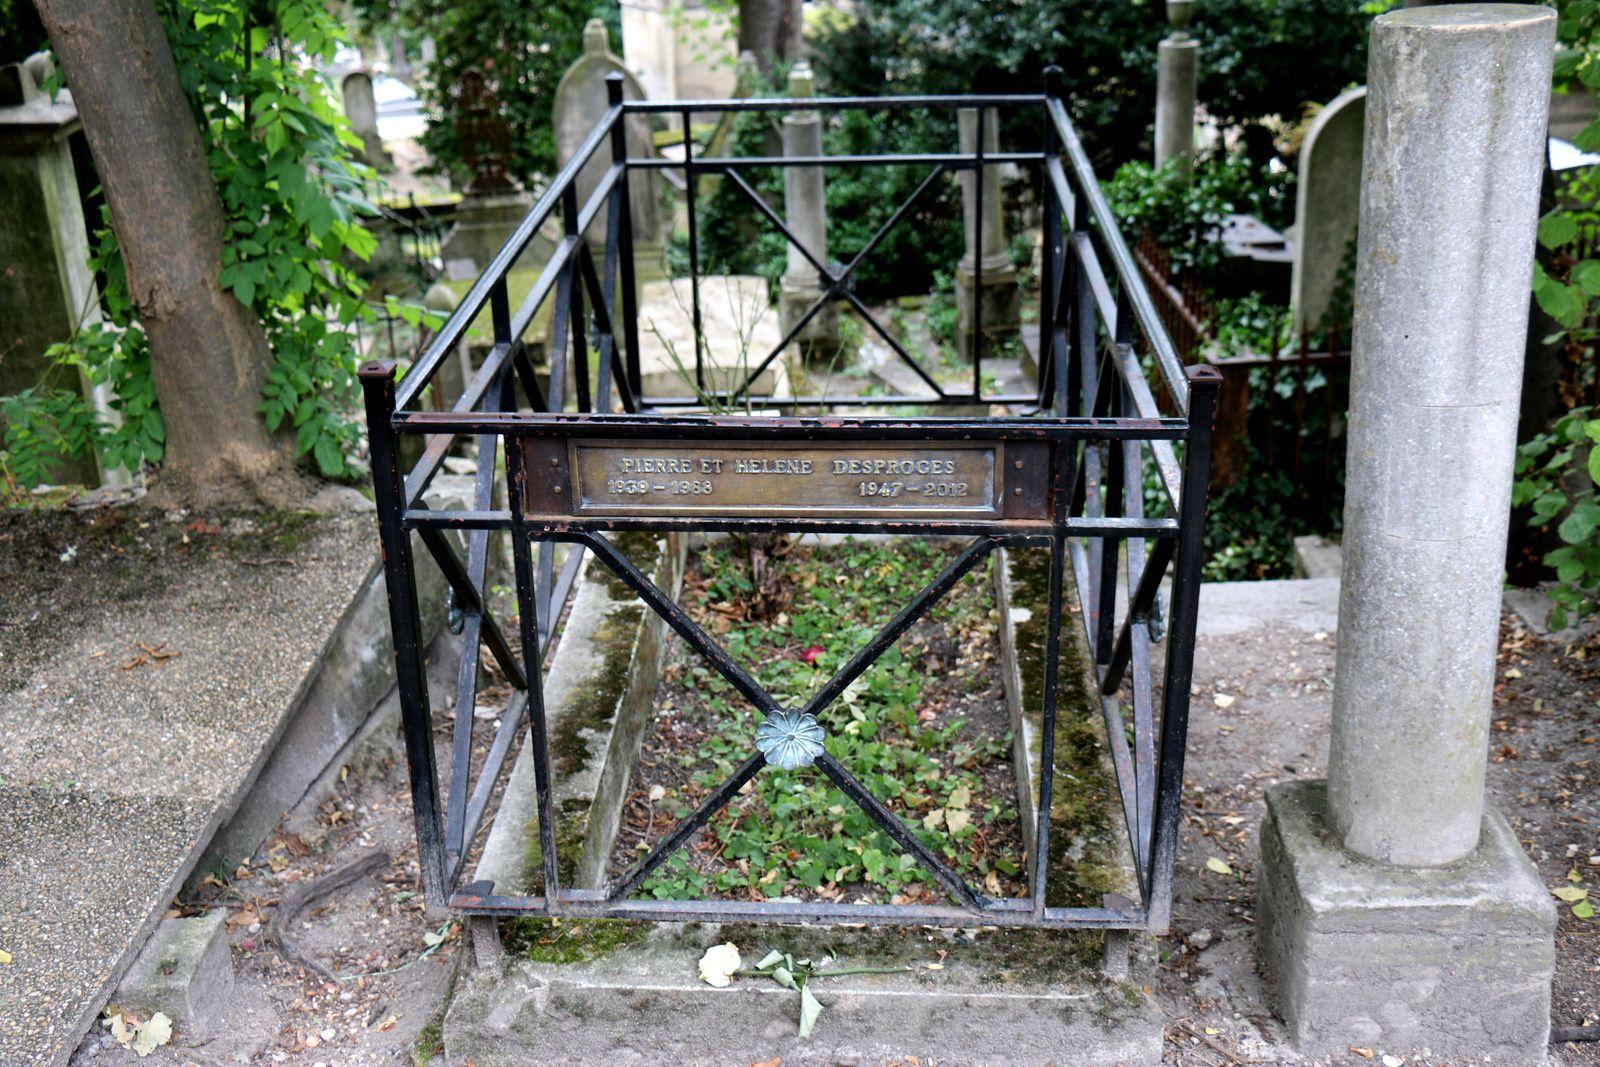 Pierre et Hélène Desproges, sépulture au cimetière du Père Lachaise